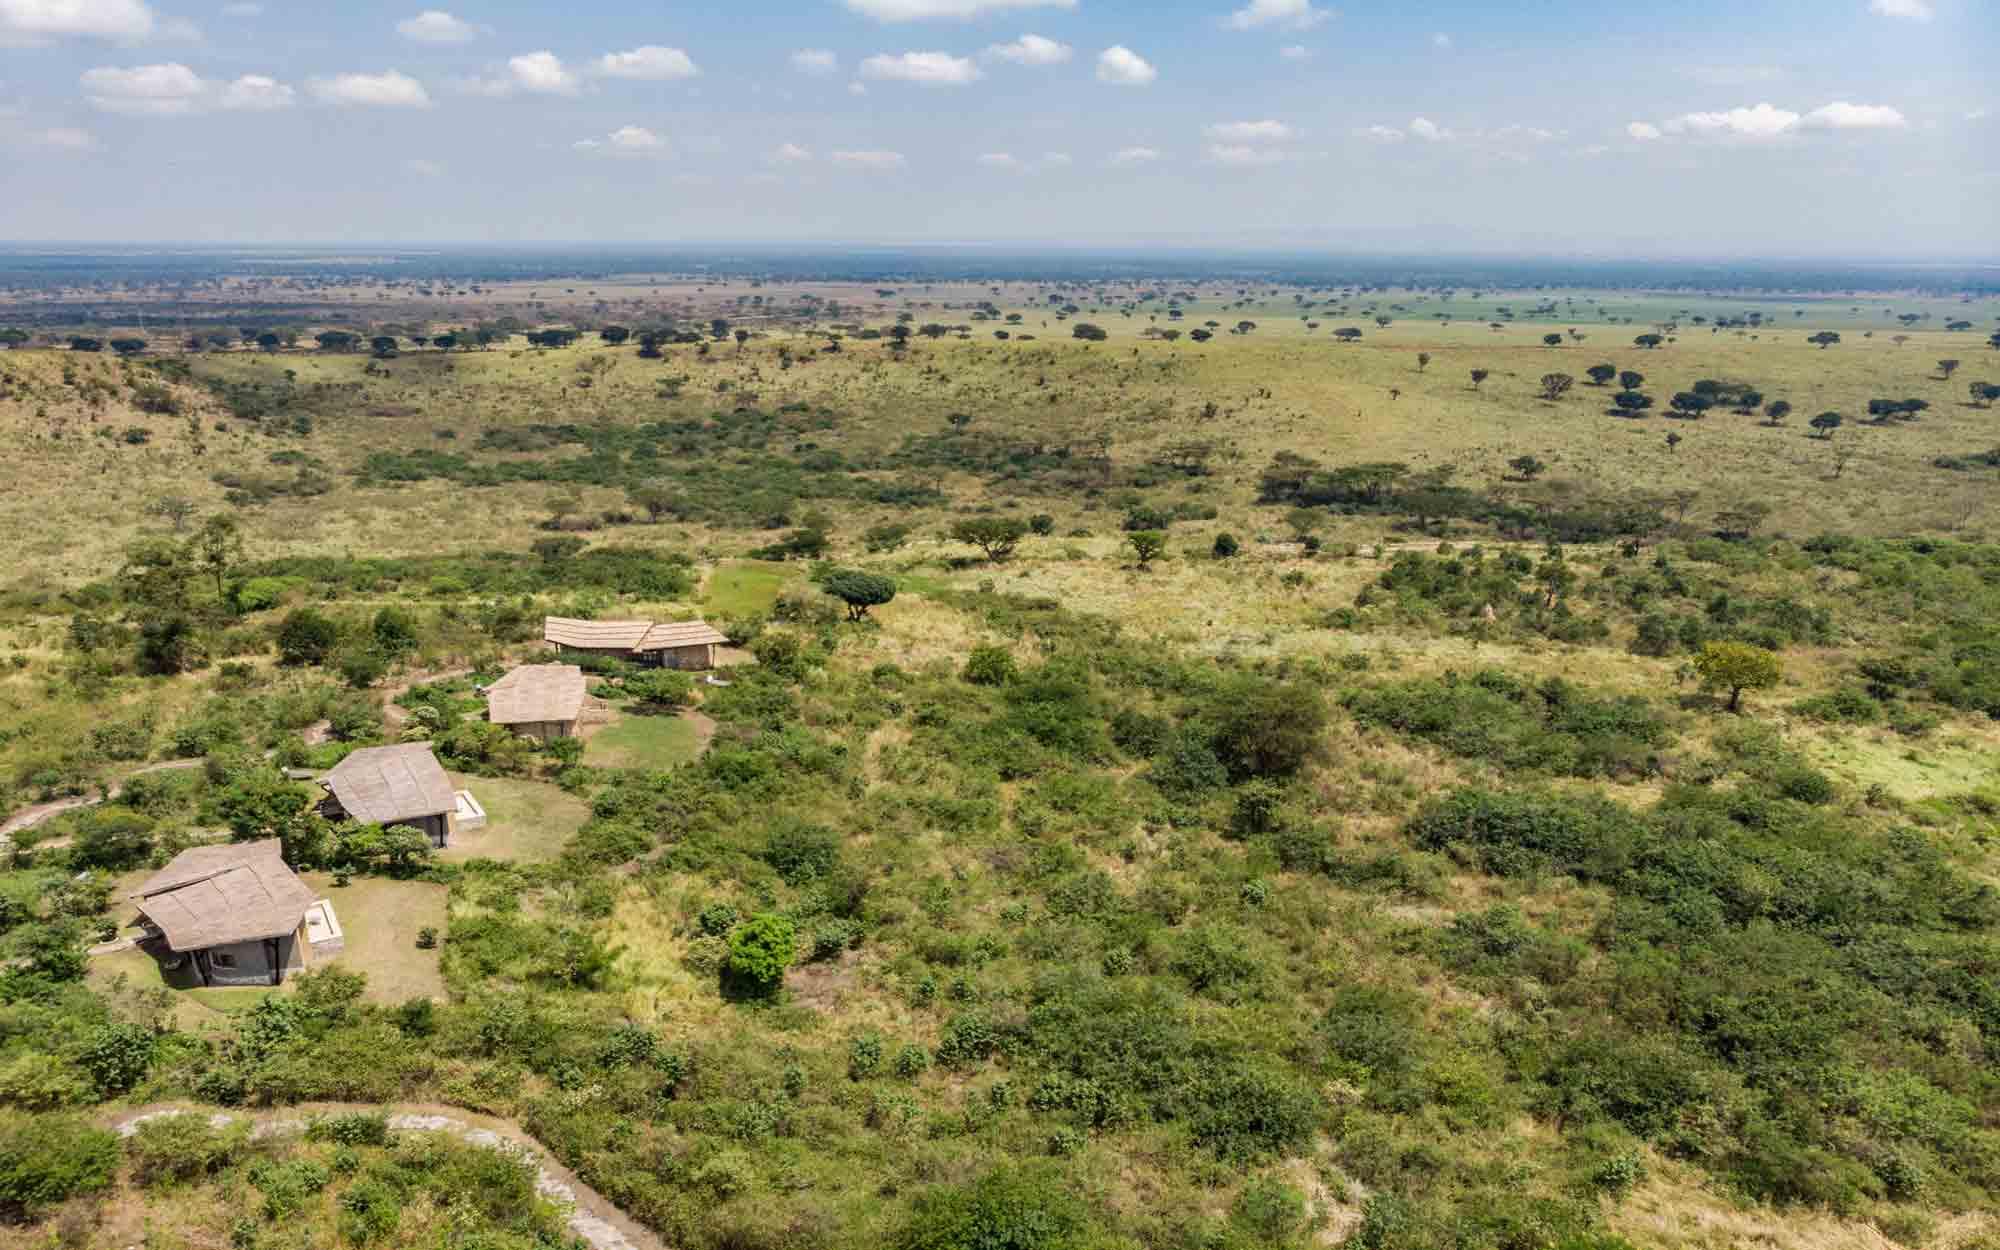 Sinamatella-Uganda-Kyambura-20180822-280-2.jpg